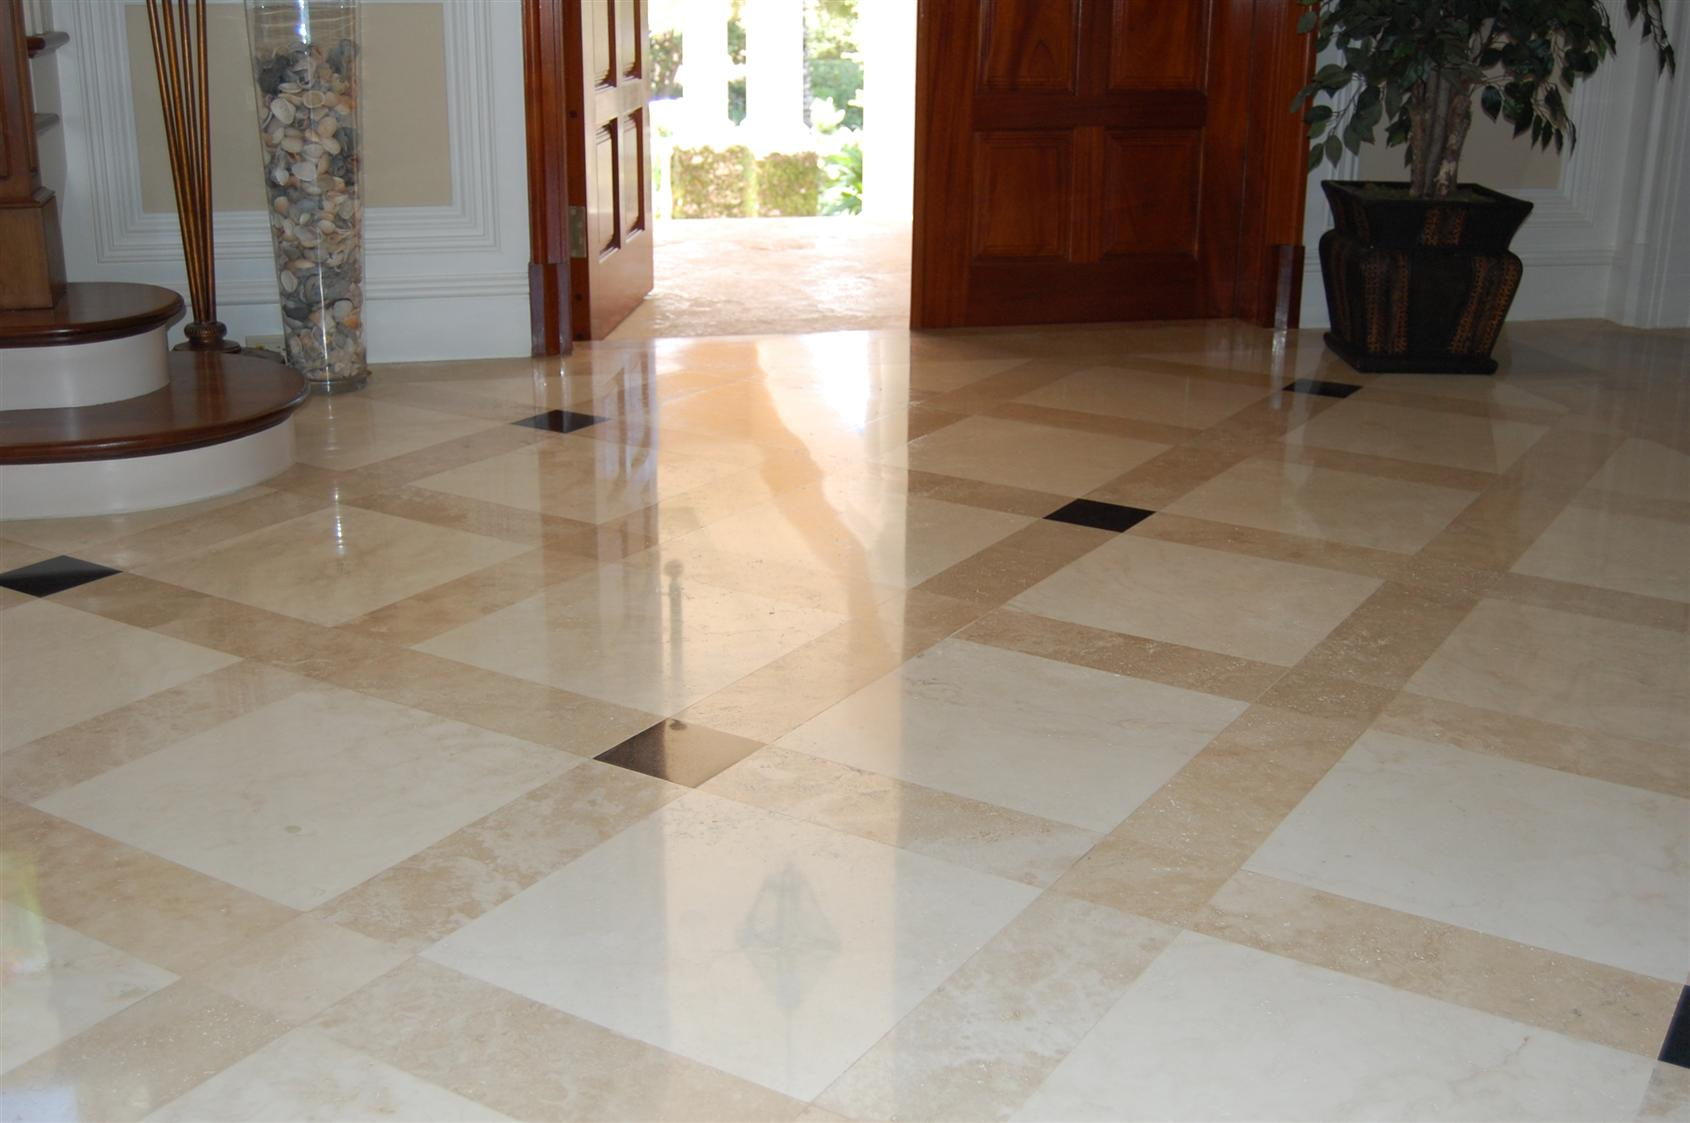 Pulido marmol terrazo pulir suelos hidr ulicos barcelona - Suelo de cemento pulido precio ...